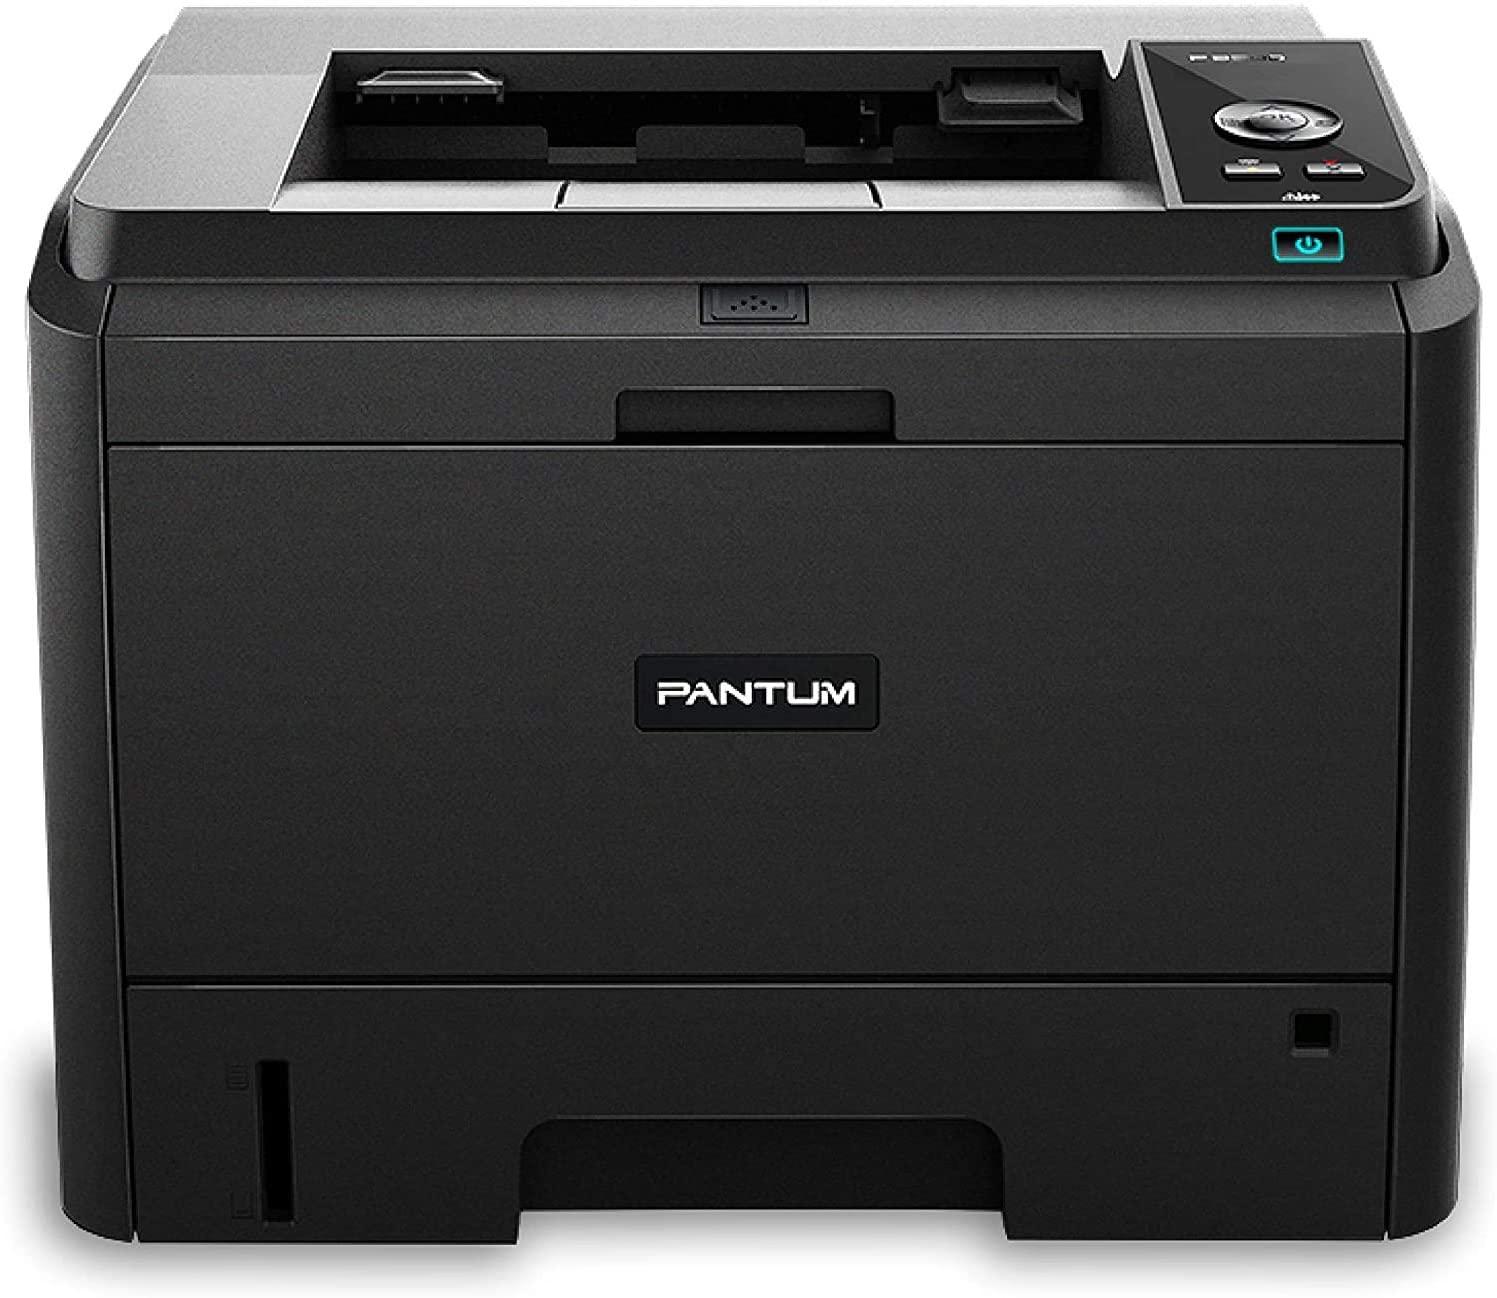 Pantum P3500DW Wireless A4 Mono Laser Printer uk reviews